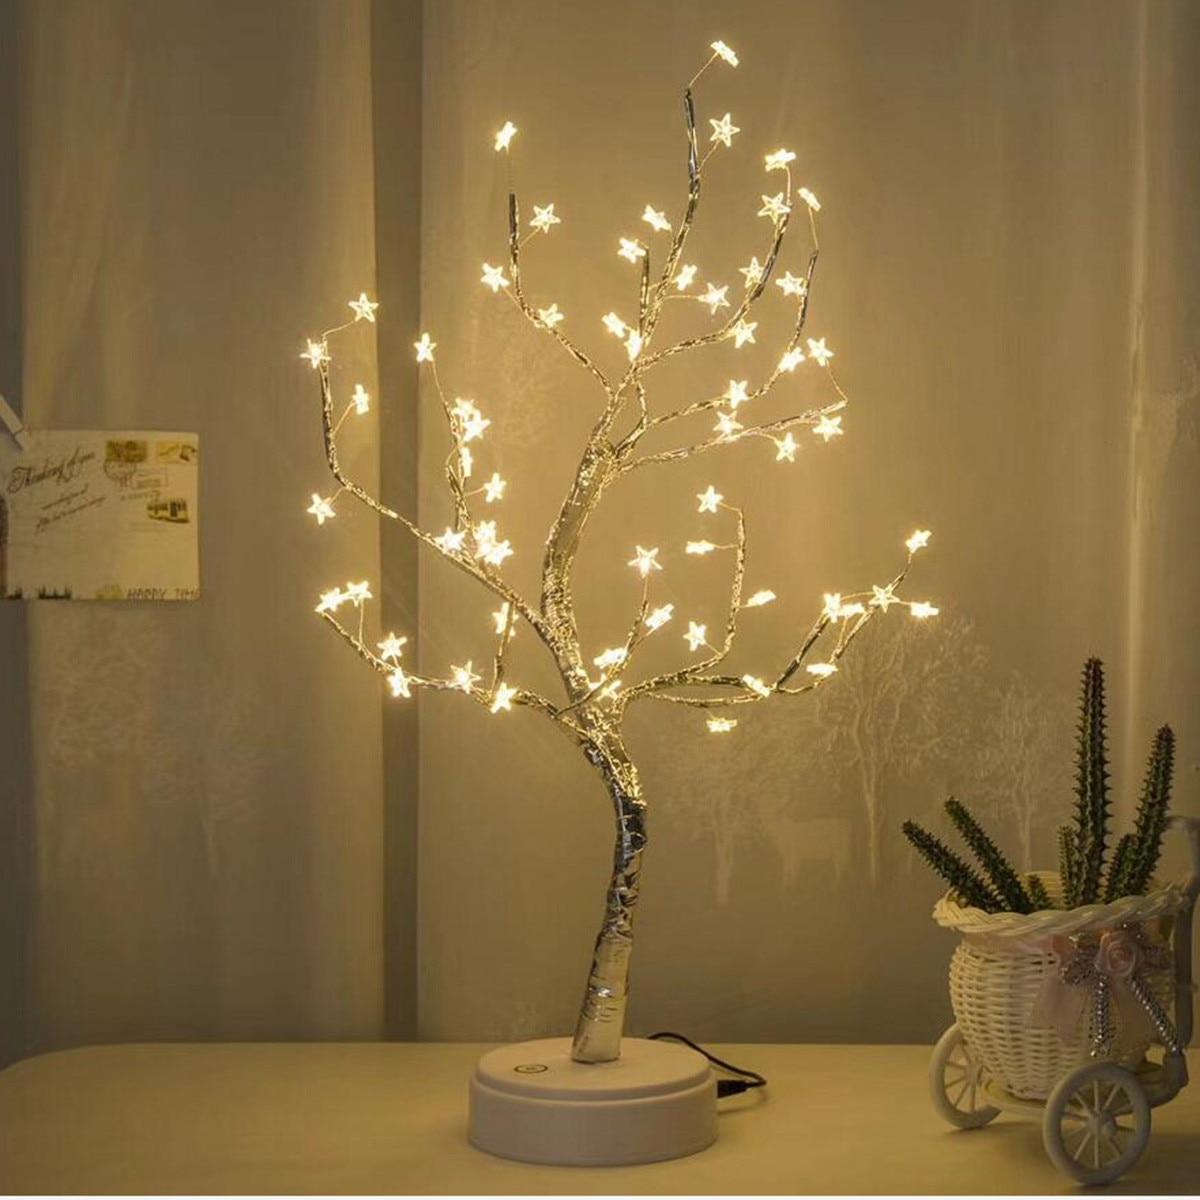 Originale ALIWARM Bianco LED Con 60 Bianco Star Lampada Da Tavolo Per La Decorazione Domestica Camera Da Letto di Nozze Dropshipping 20